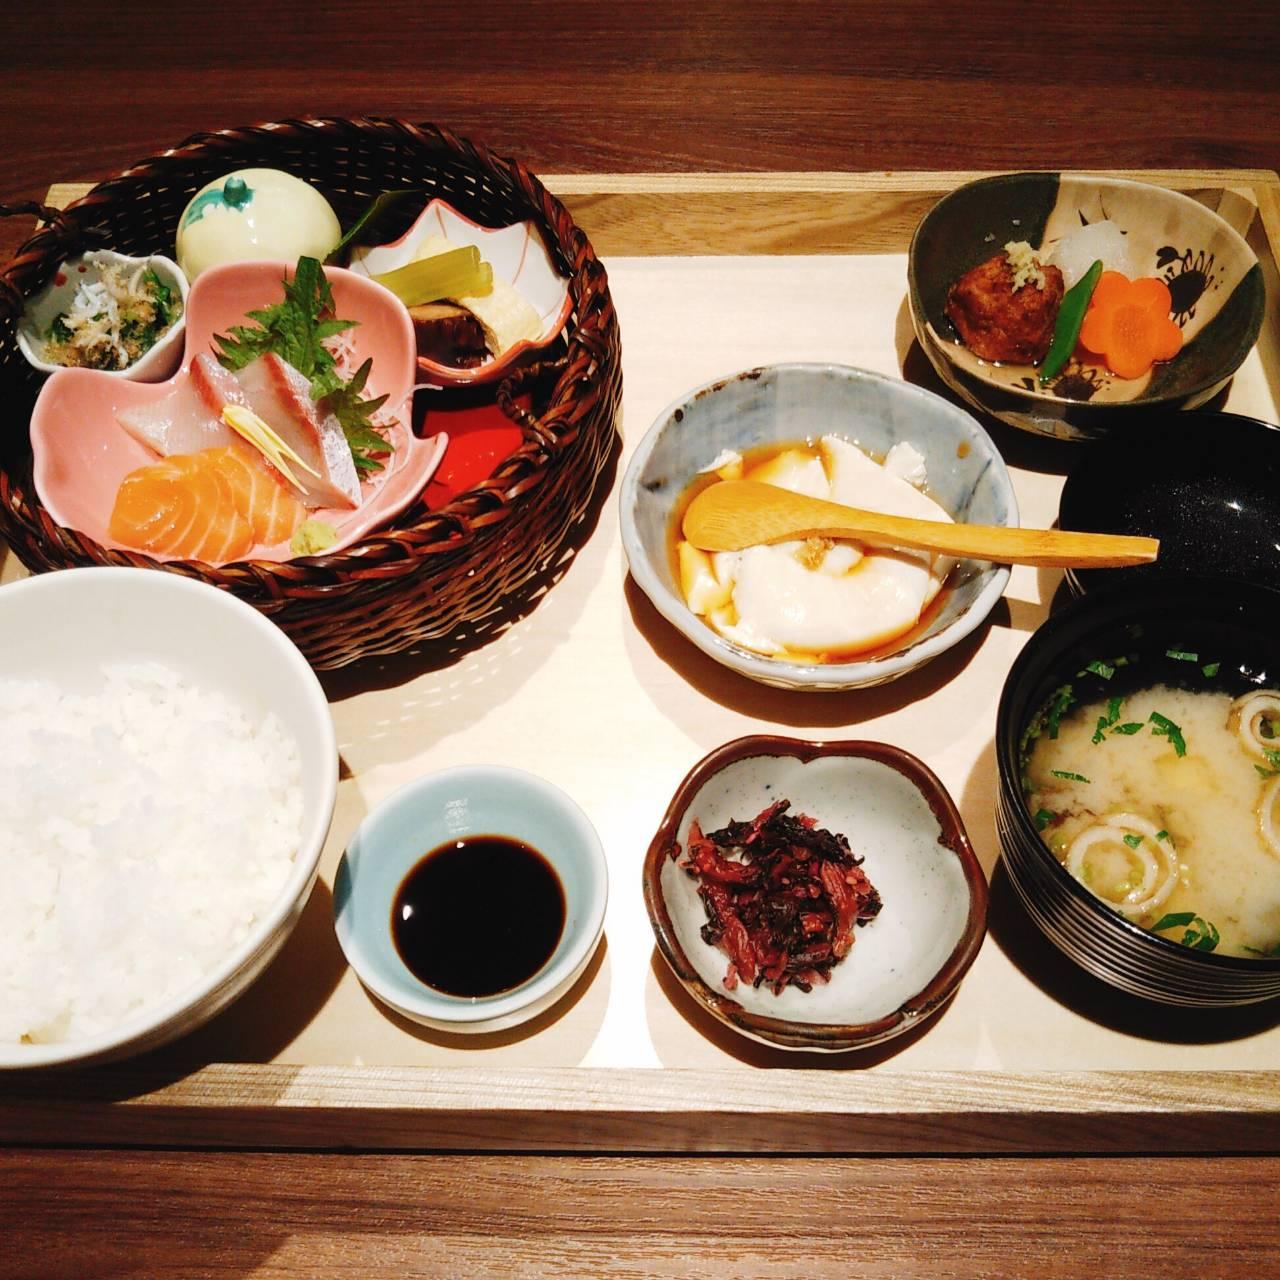 阪神電車 神戸三宮駅から僅か徒歩30秒の 本格和食処『いざかや粋旬 西村屋』